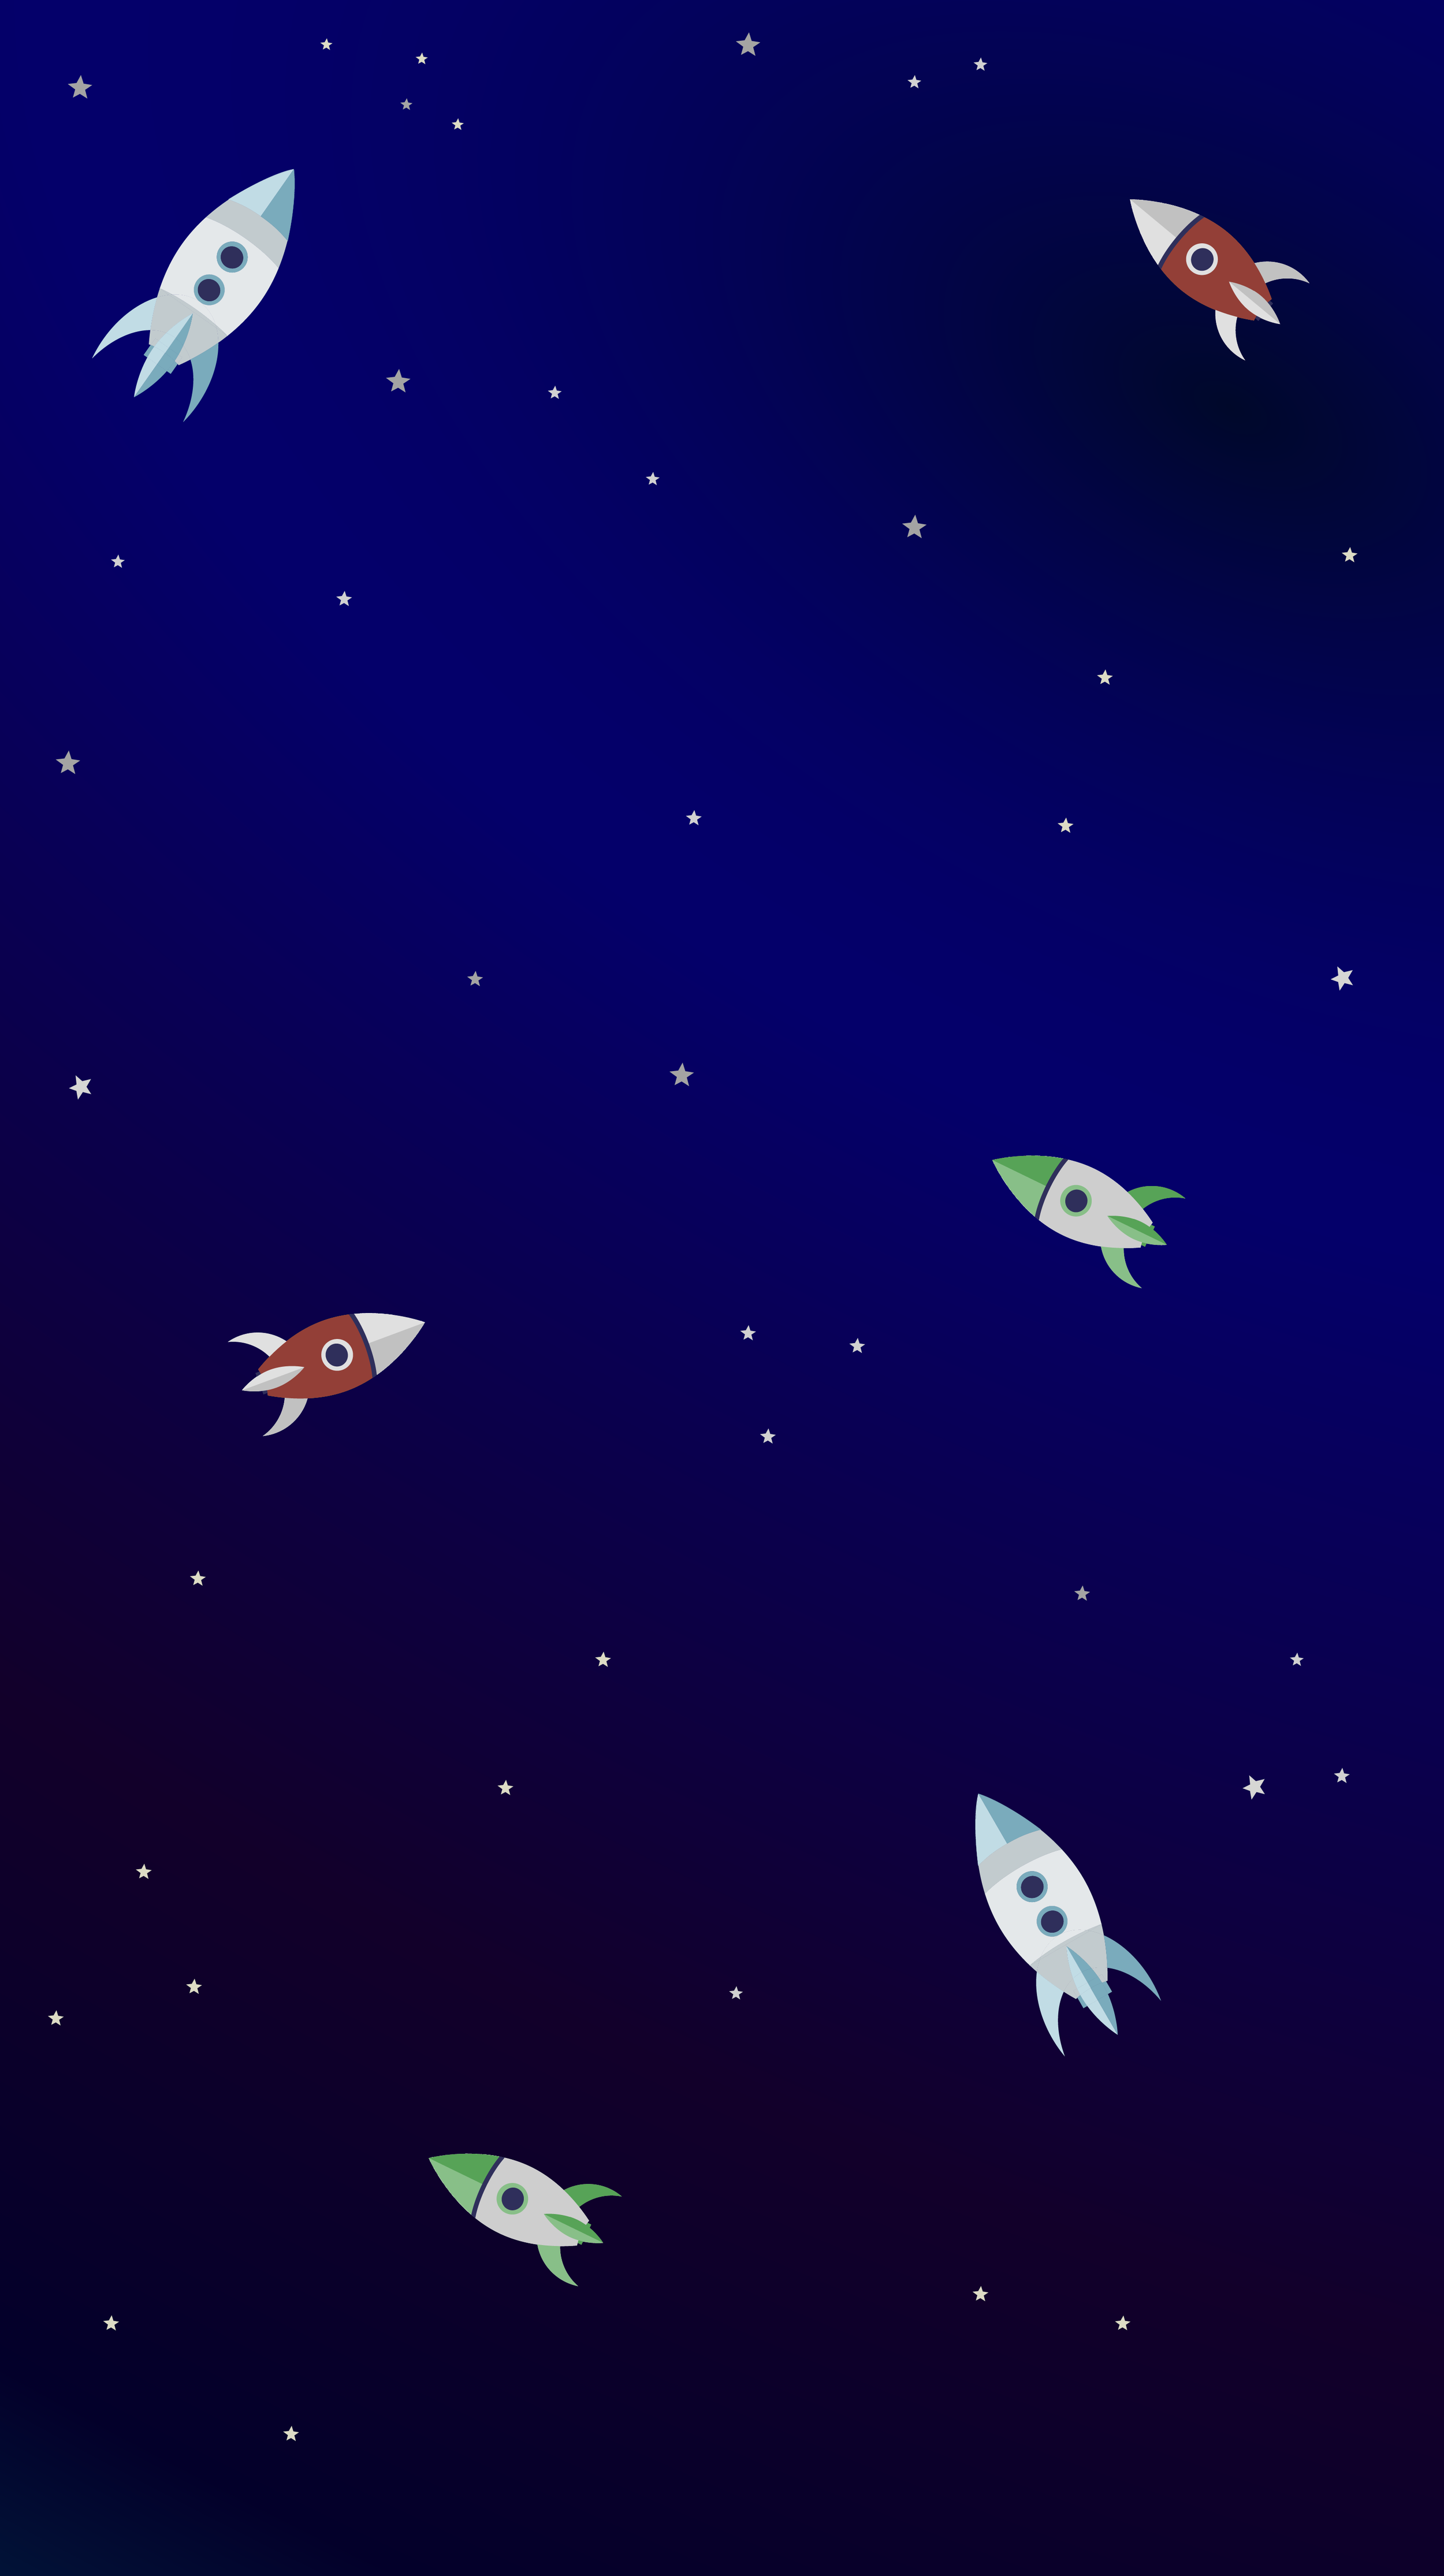 rocket wallpaper.png